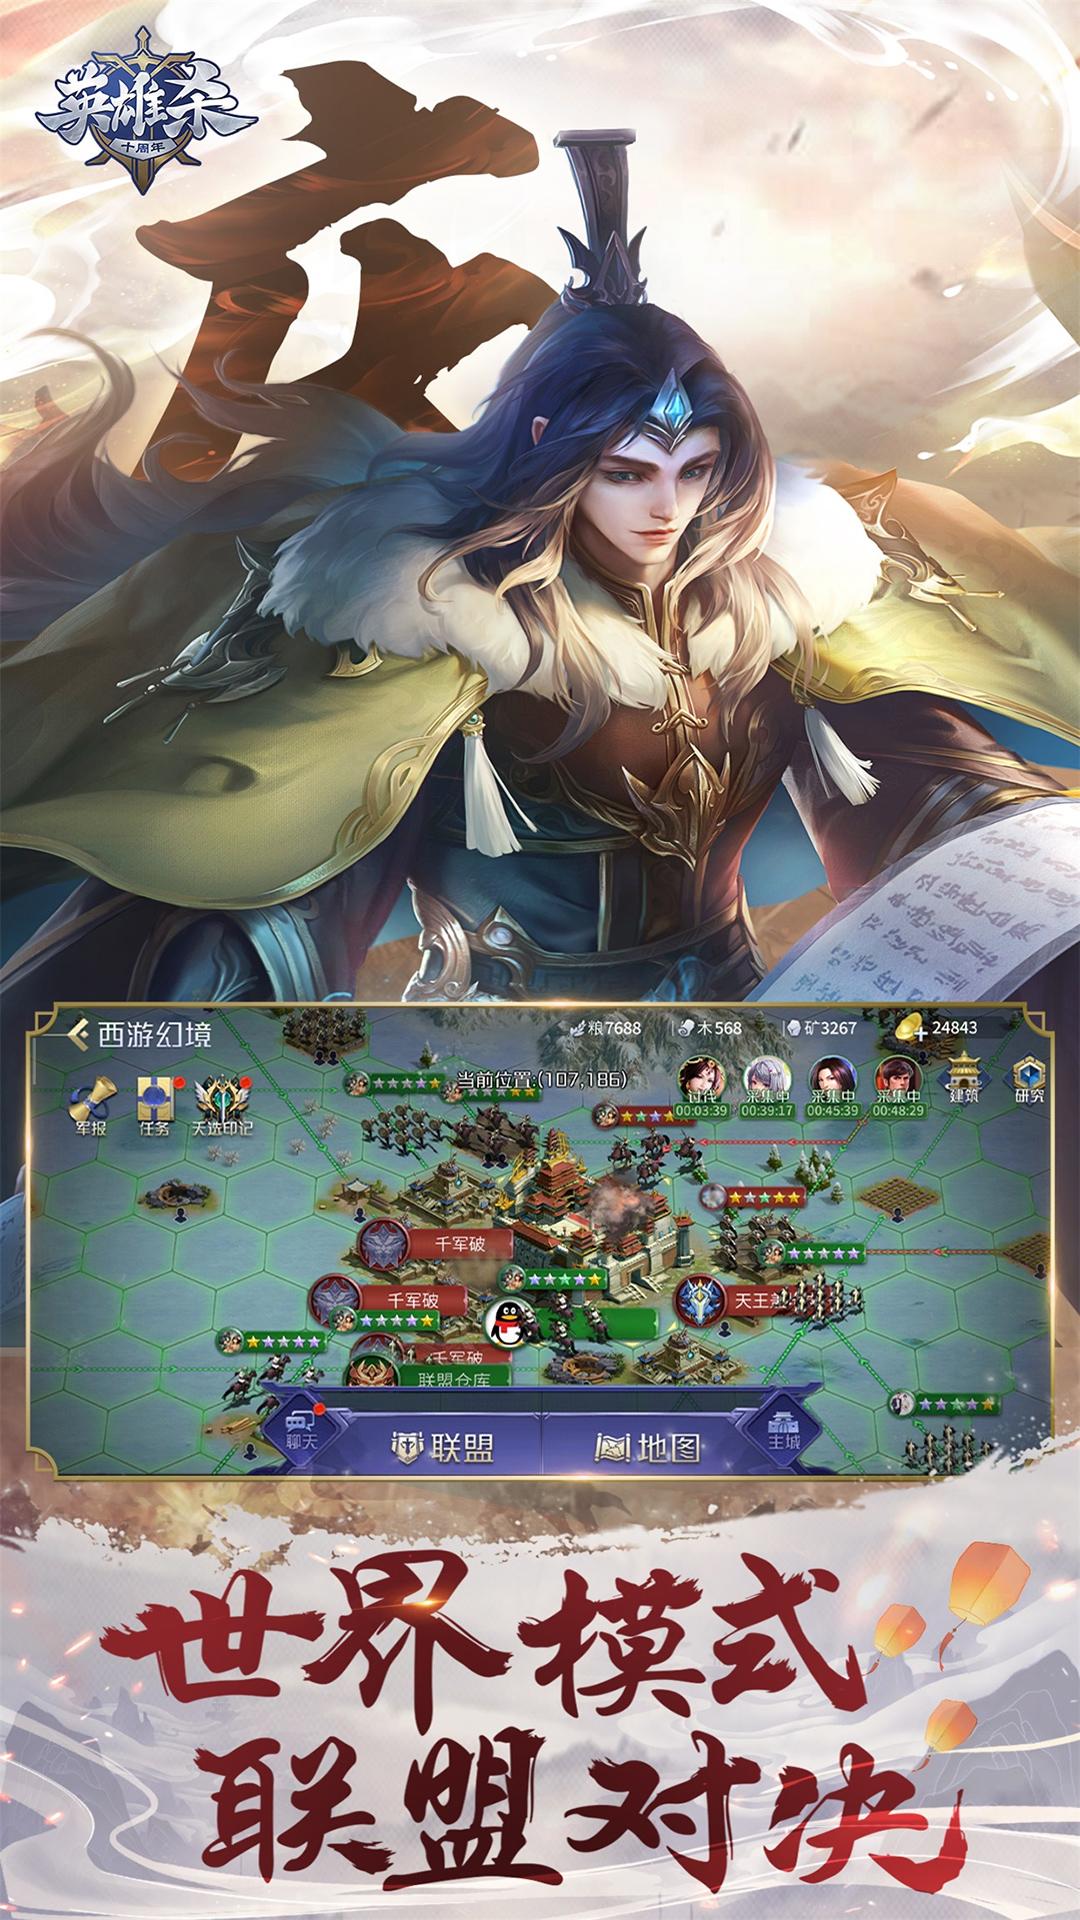 英雄杀九游版 V4.12.0 安卓版截图4